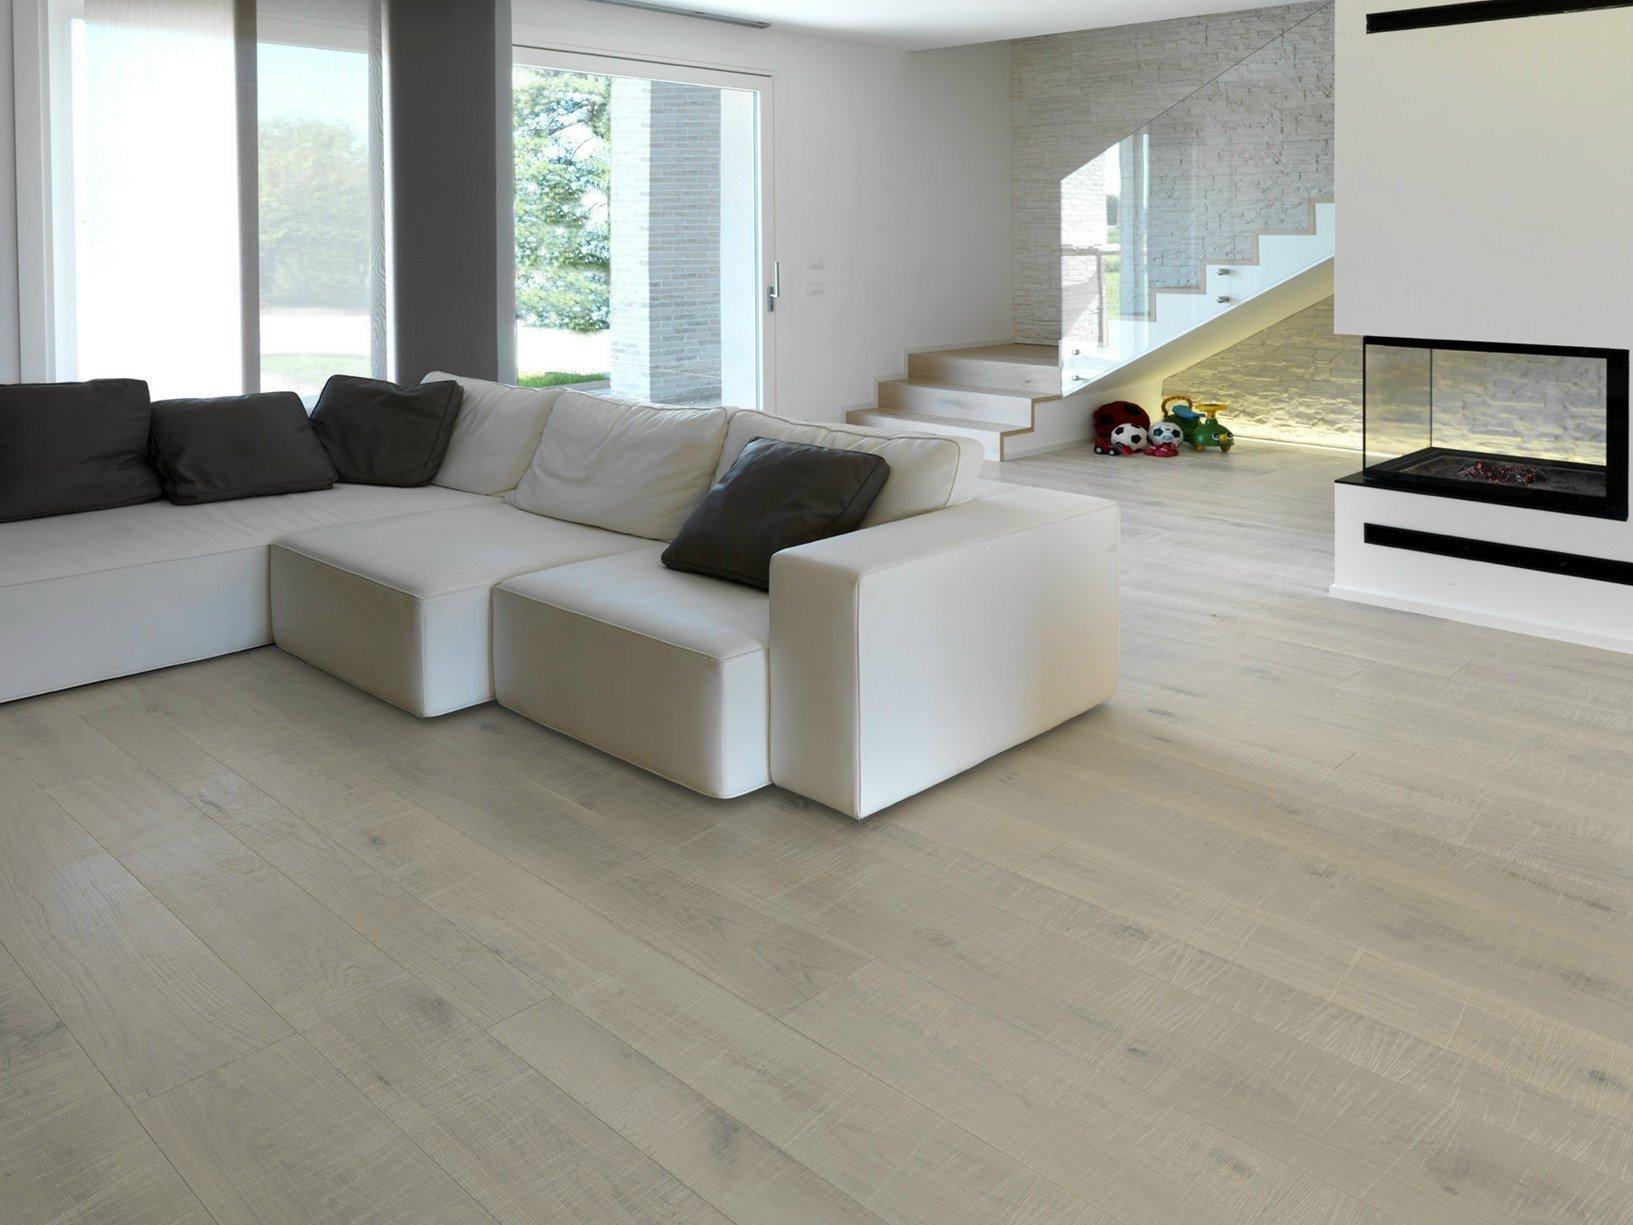 Le sfumature avorio del marmo travertino nel nuovo parquet - Colore pareti cucina legno ...